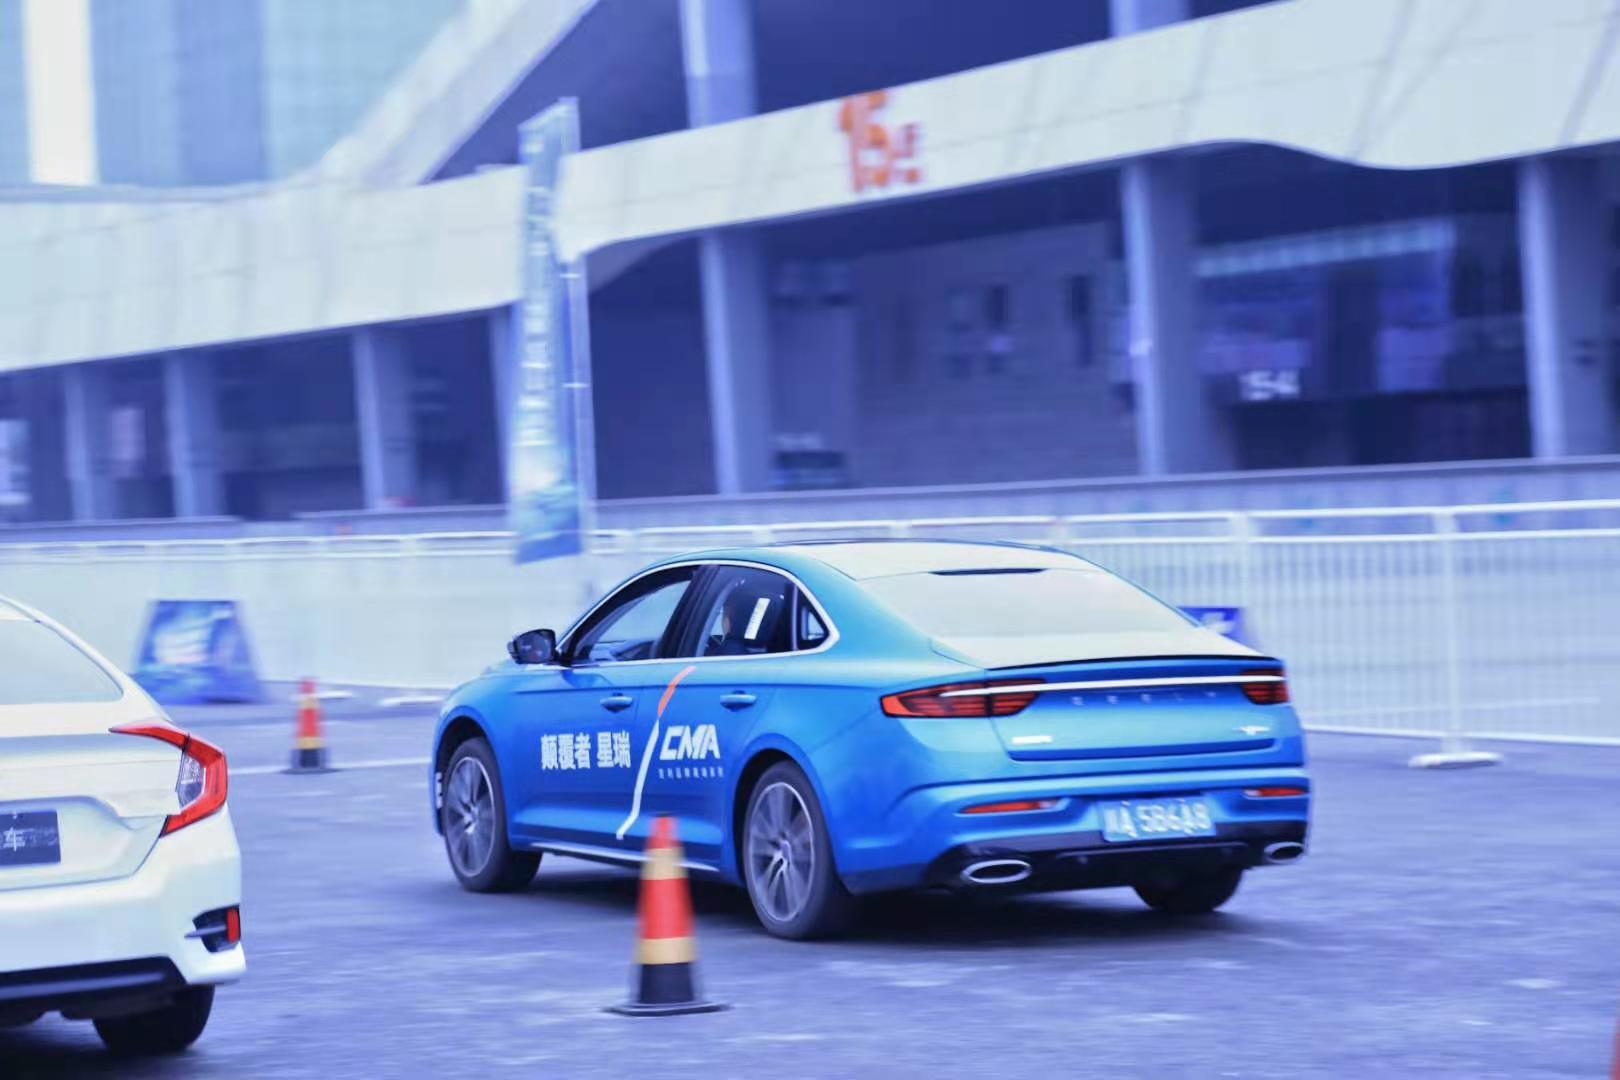 沃尔沃同款2.0T发动机加持,吉利星瑞真能颠覆中国家轿市场?